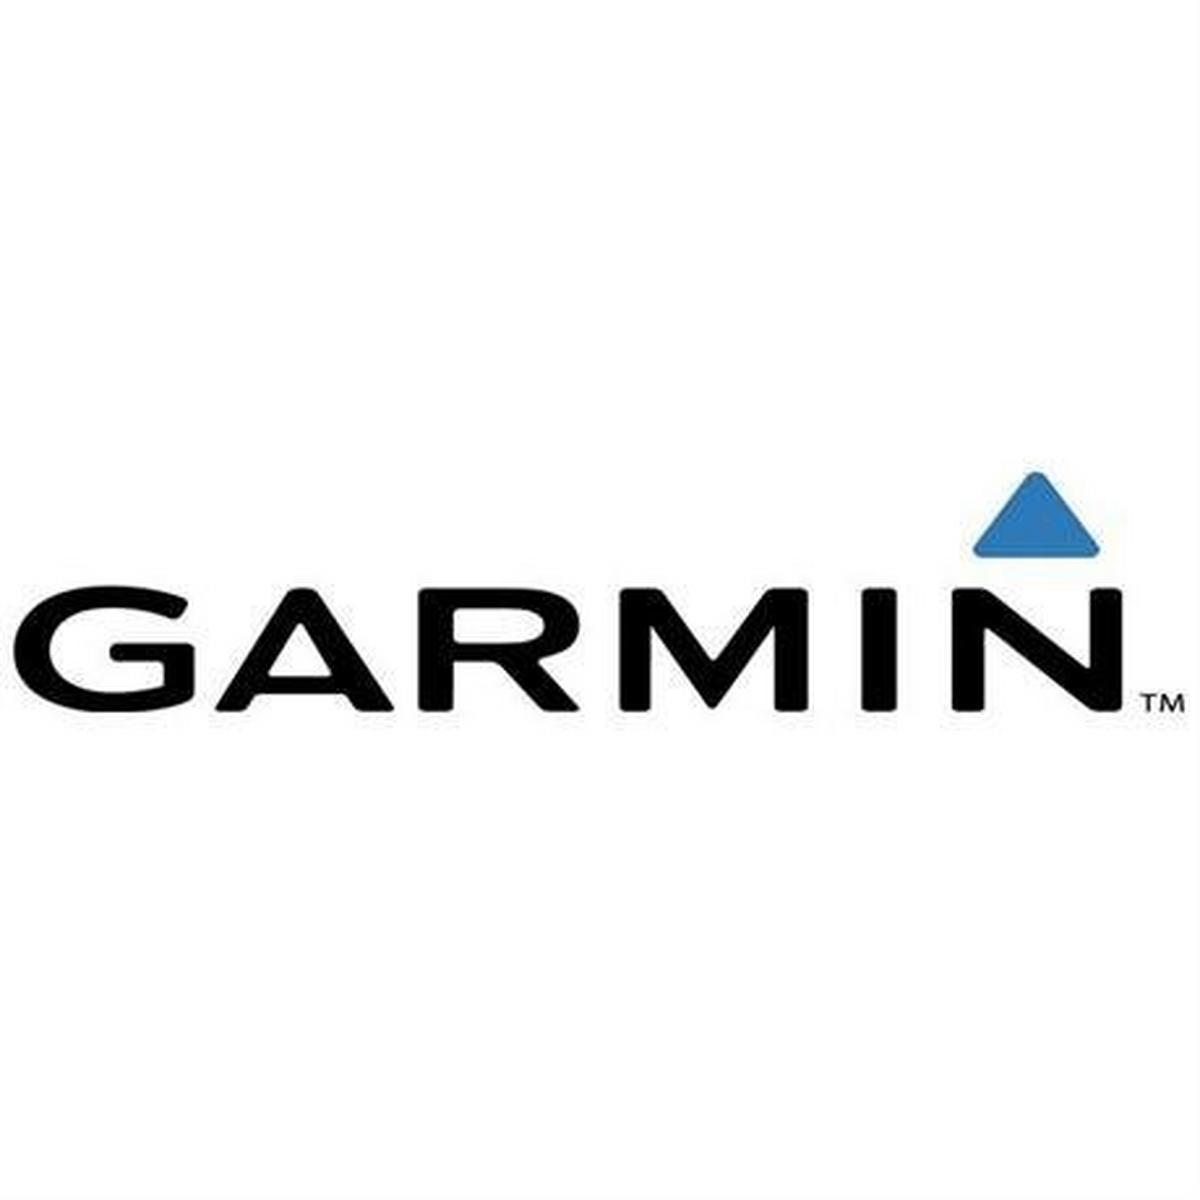 Garmin GPS Spare/Accessory: Retractable Lanyard